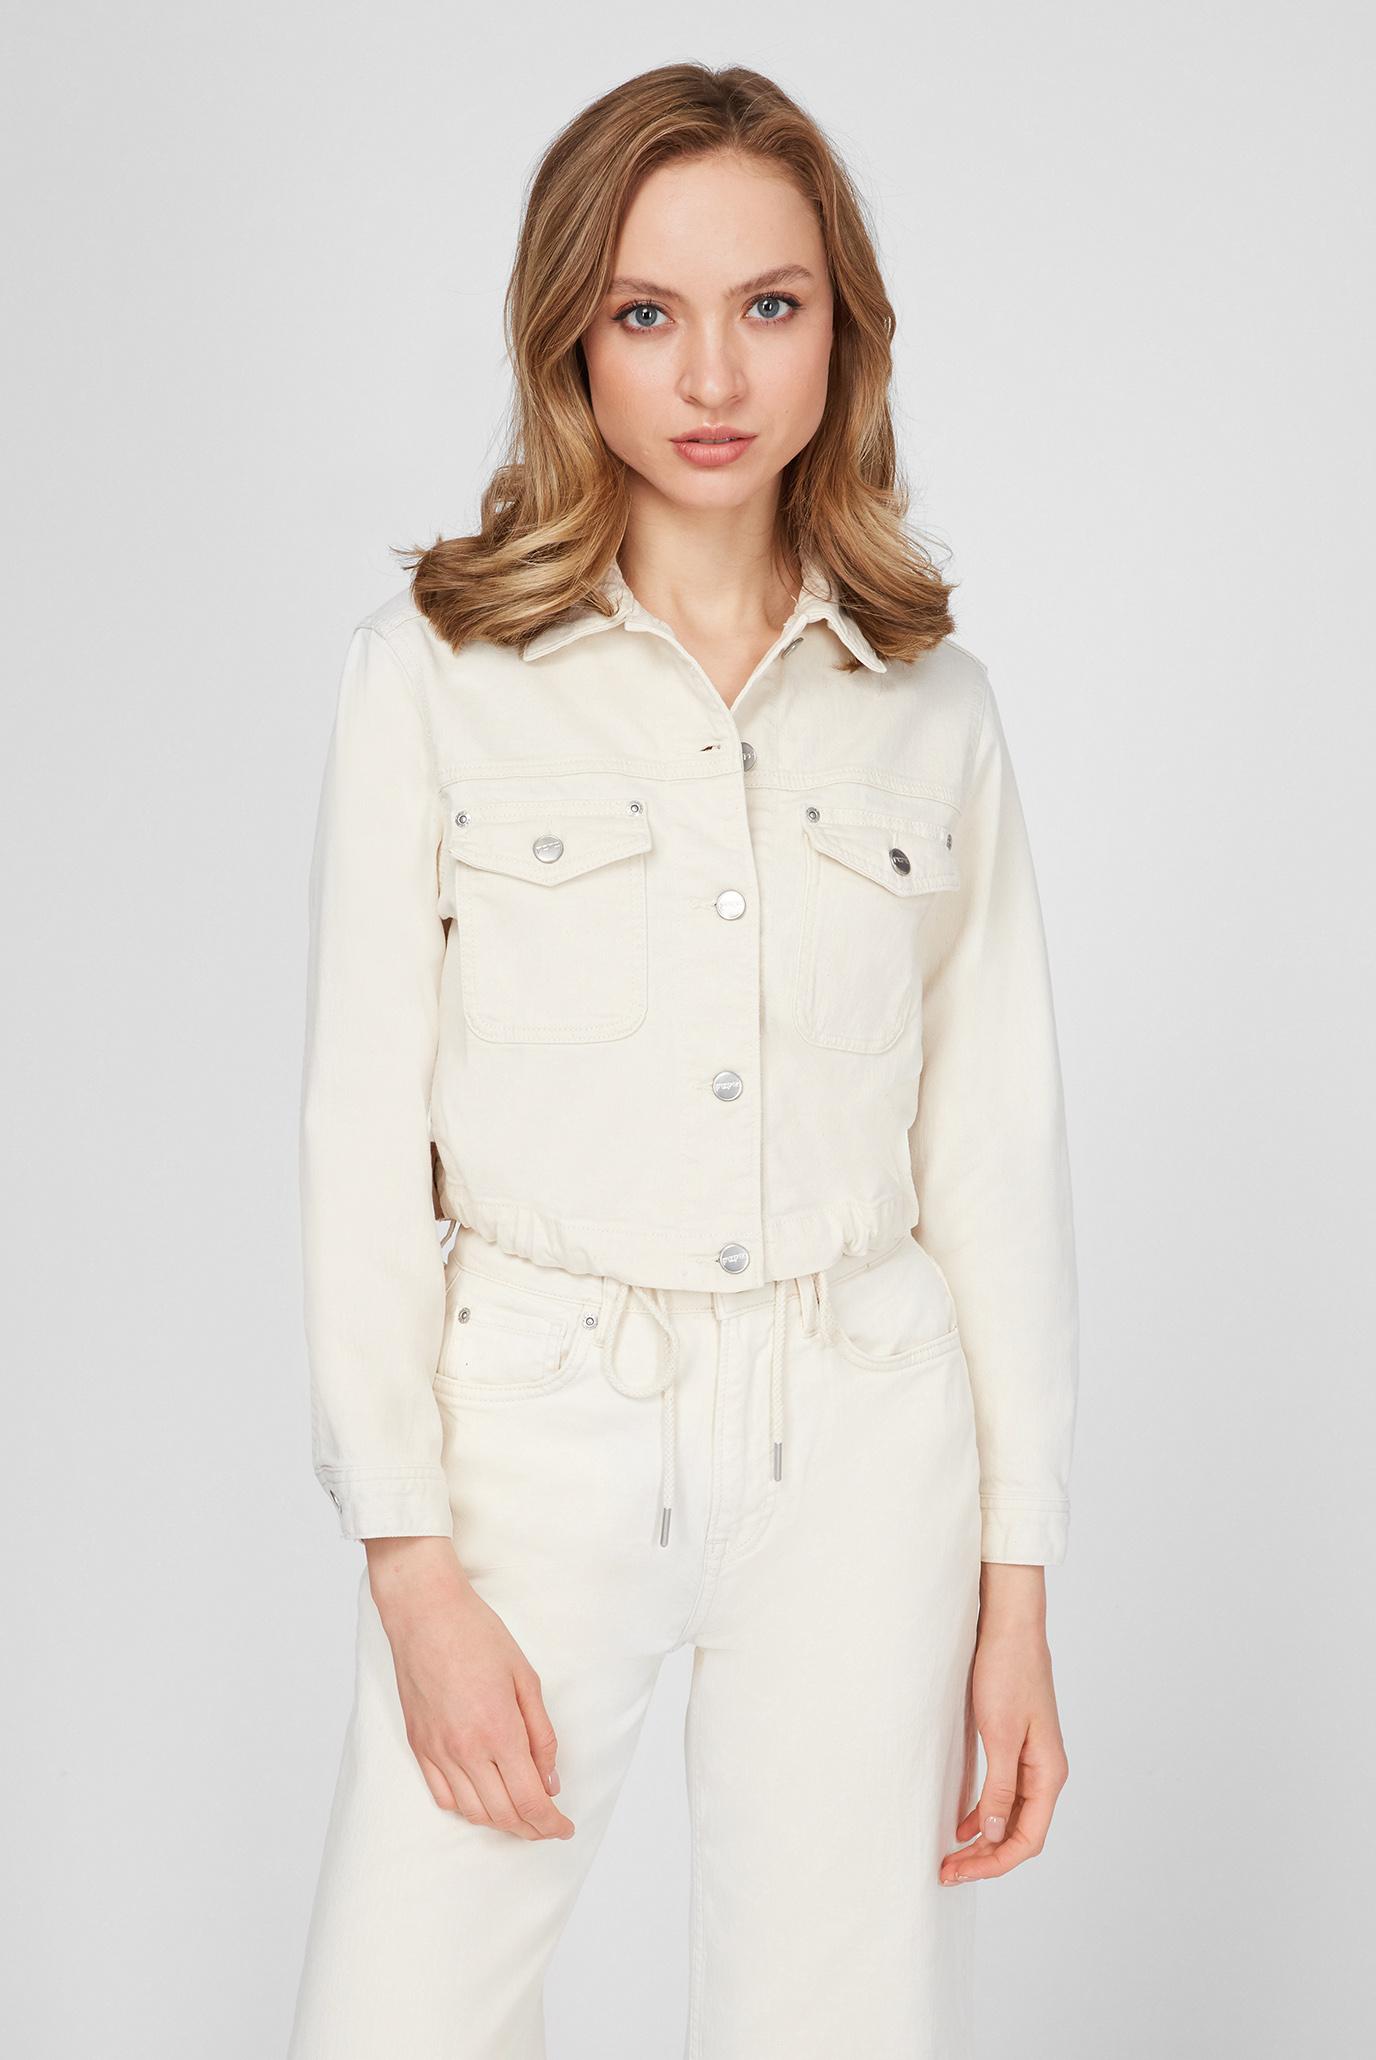 Женская белая джинсовая куртка TIFFANY ROPE 1